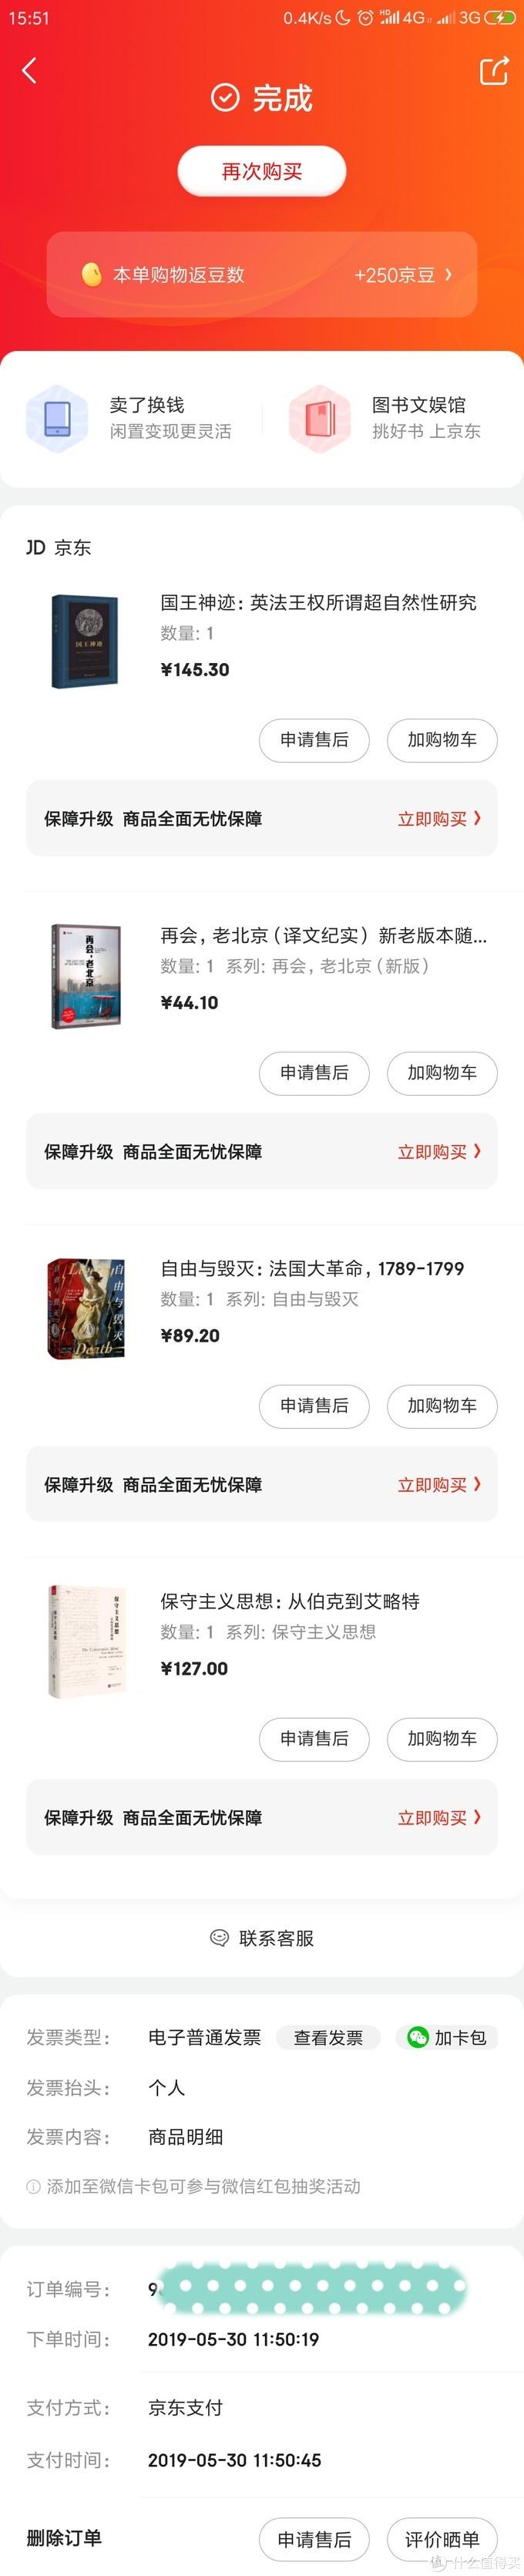 京东图书品类日购书小晒与我为何而买?